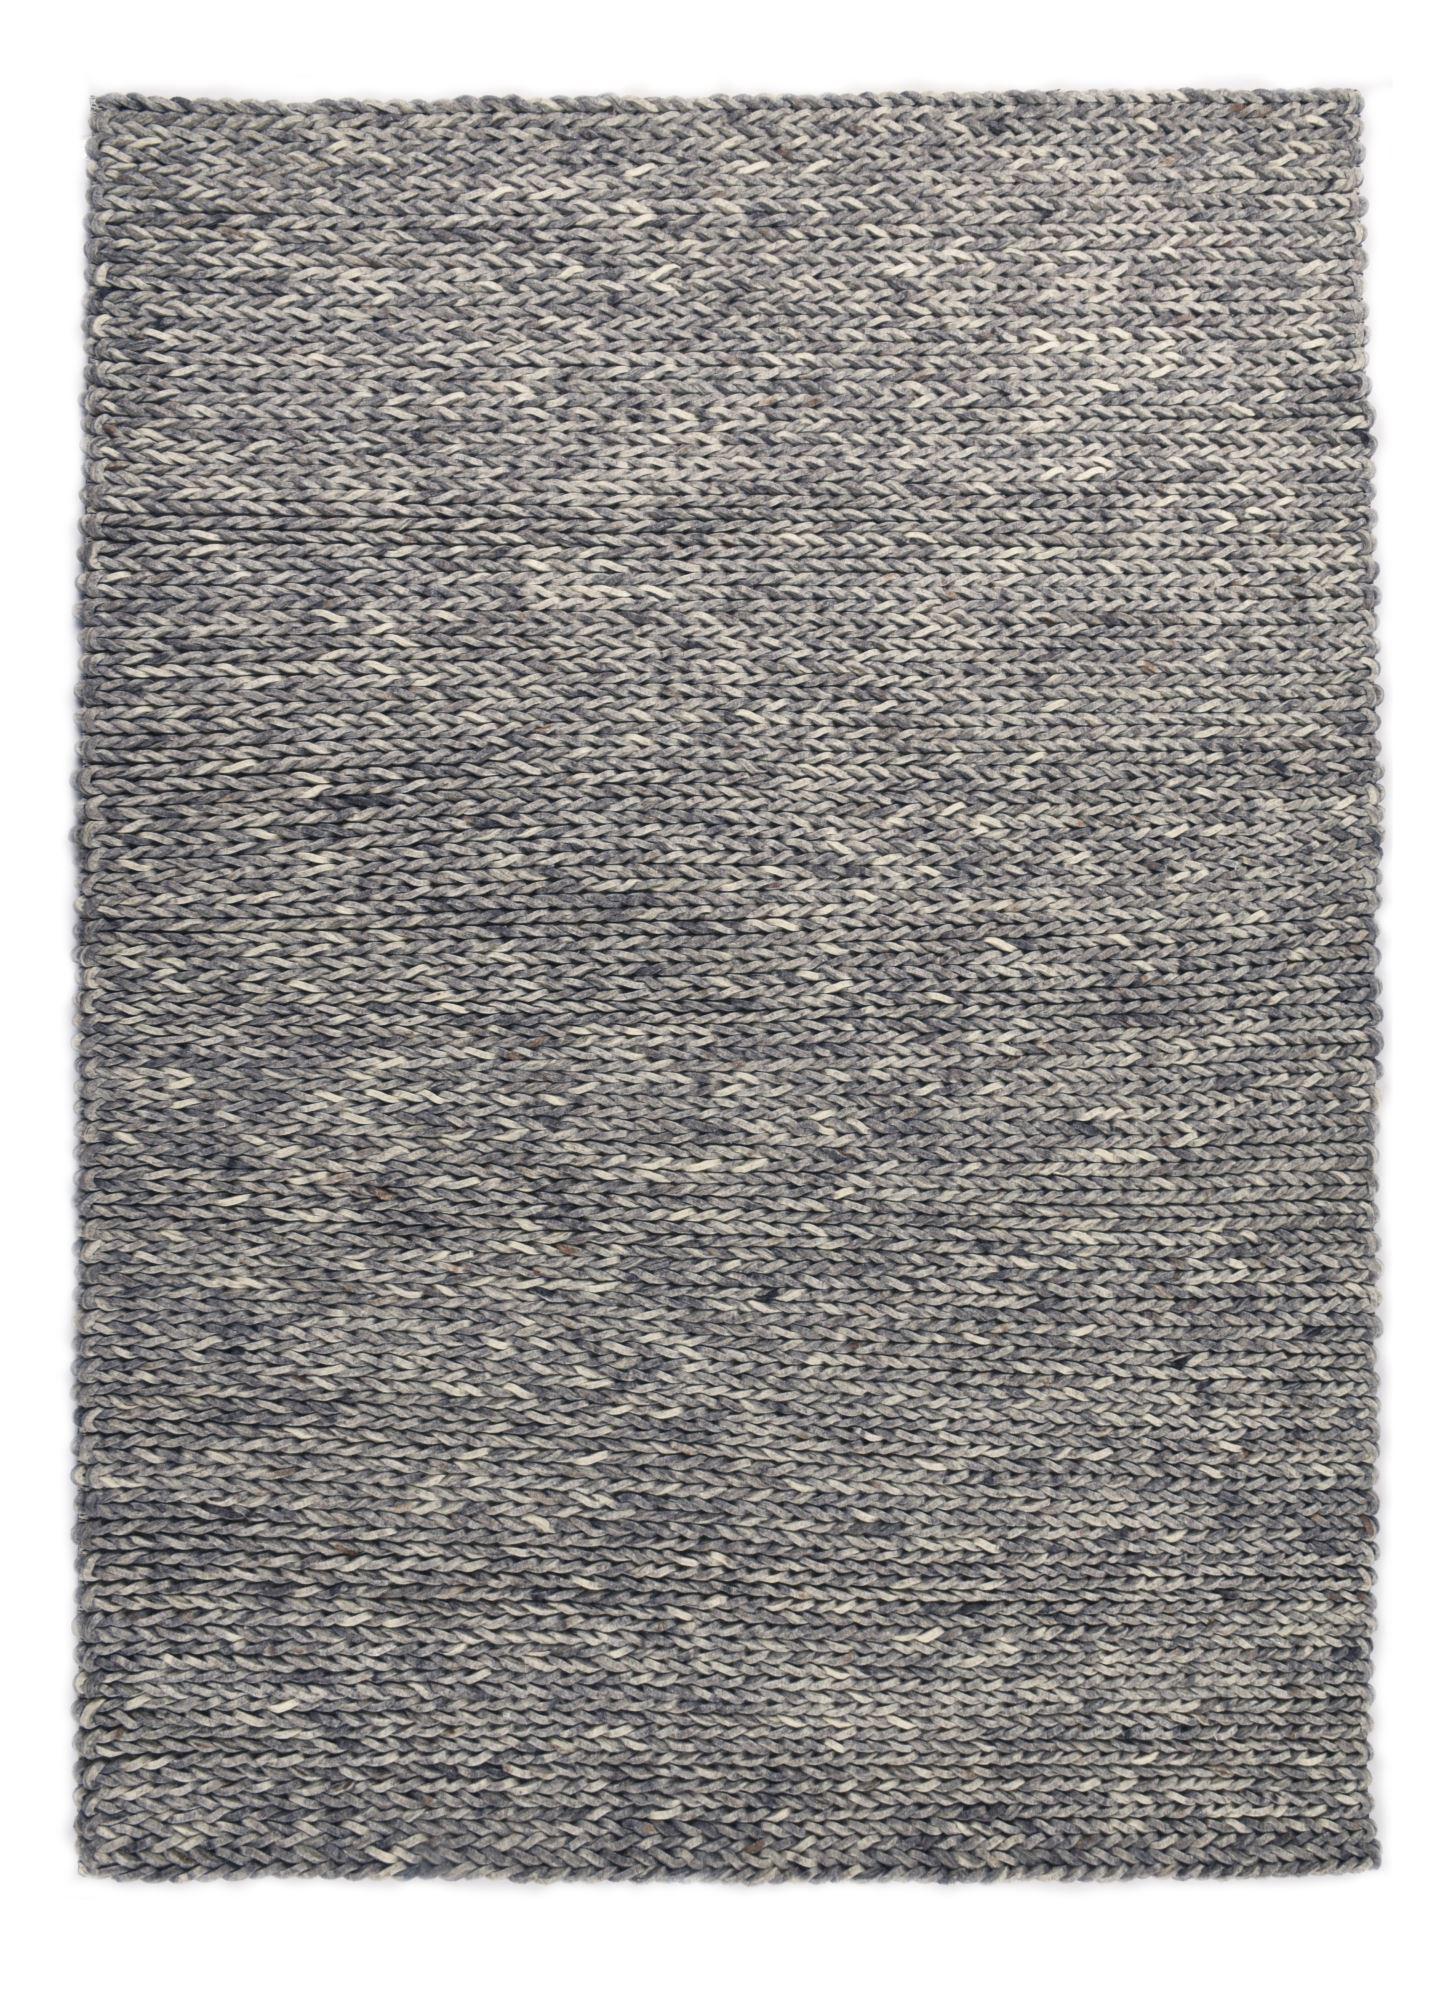 ARLBERG - Tapis feutré en laine naturelle gris 70x140